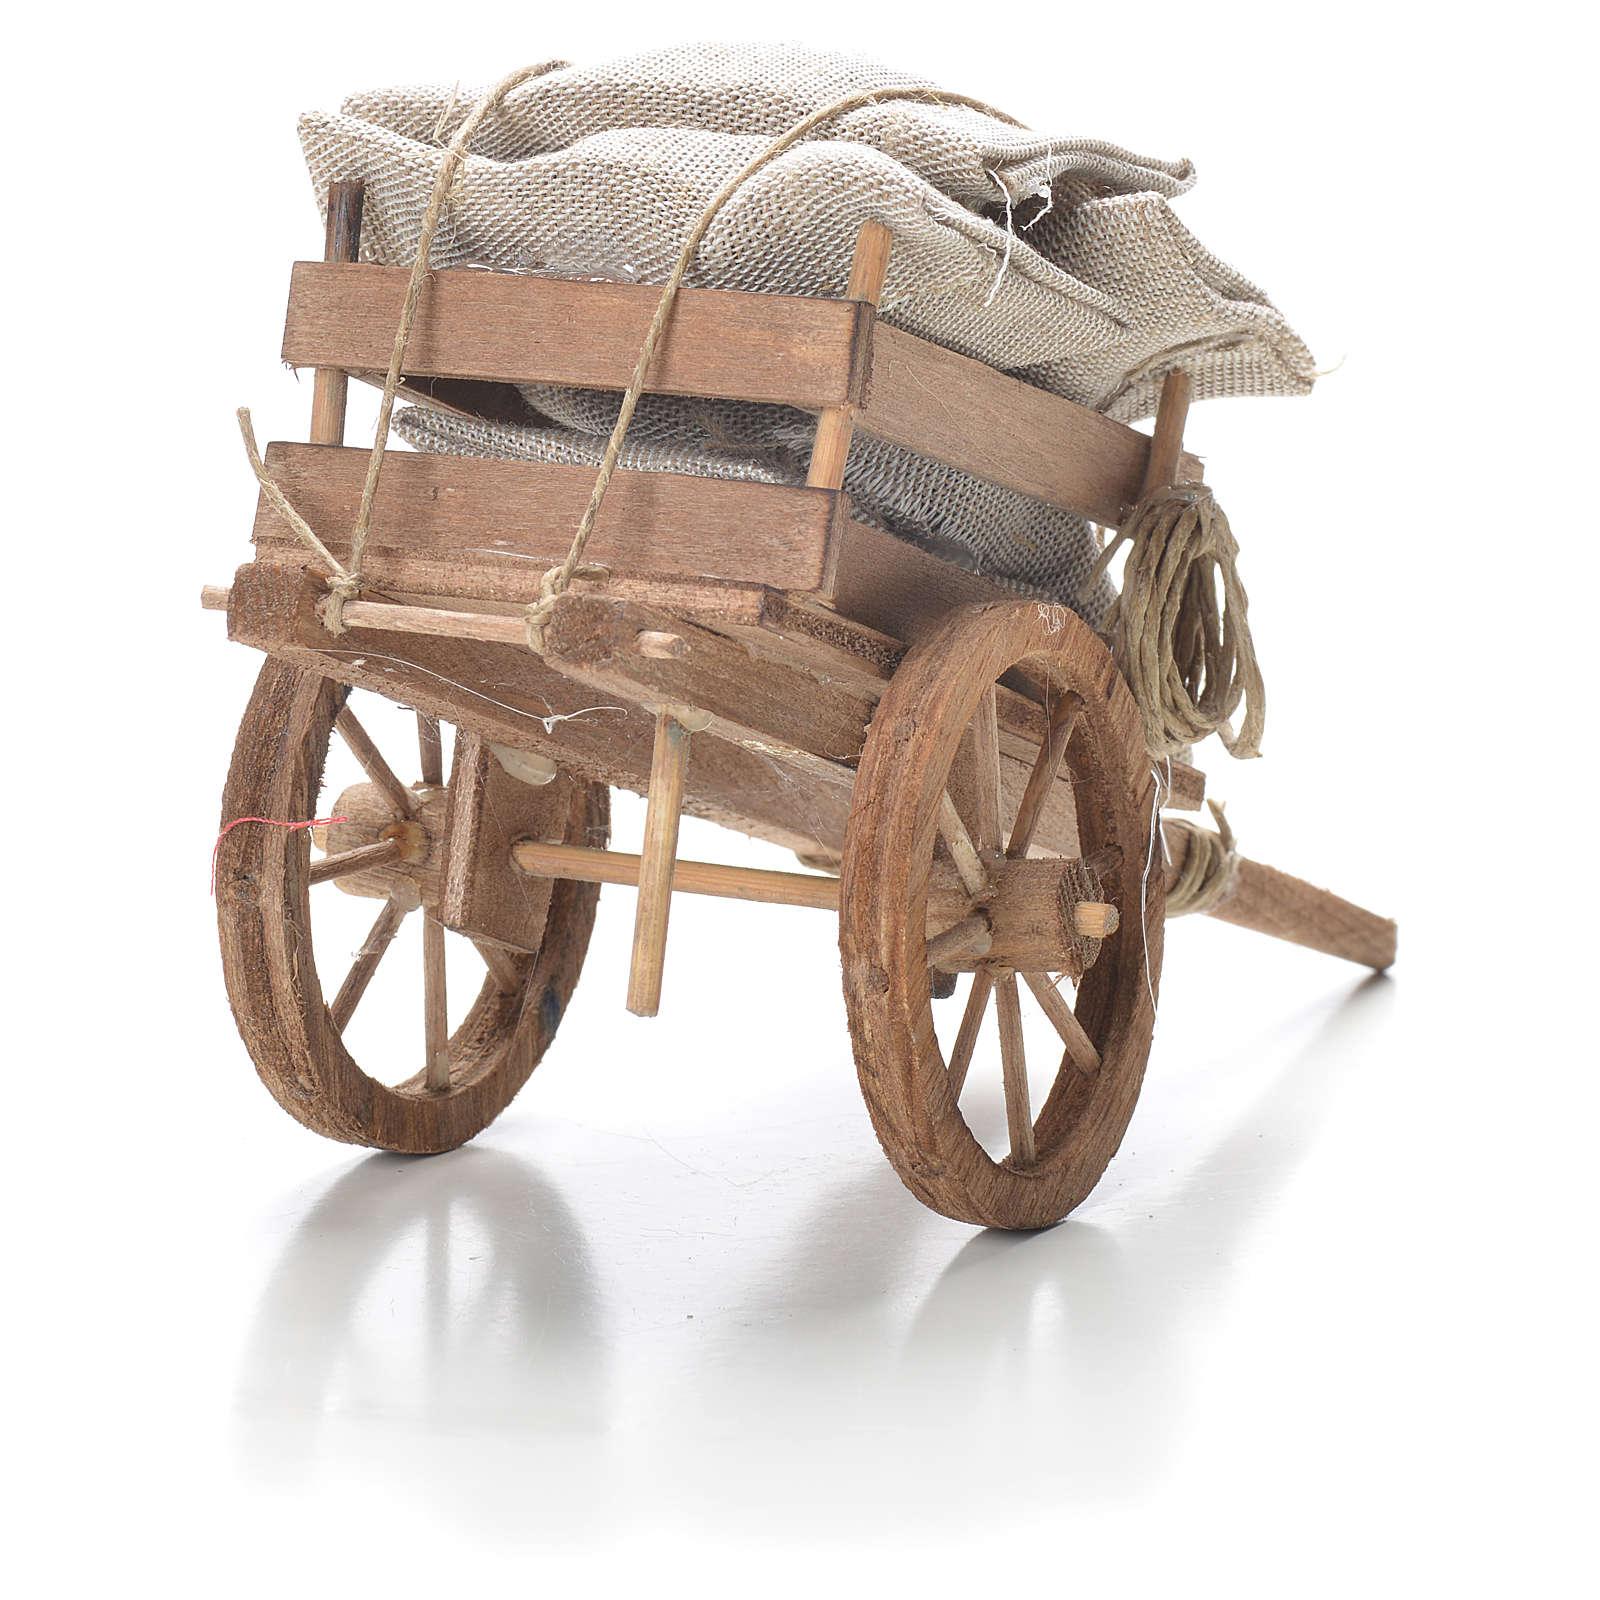 Carro con sacchi presepe napoletano 10x18x8 cm 4